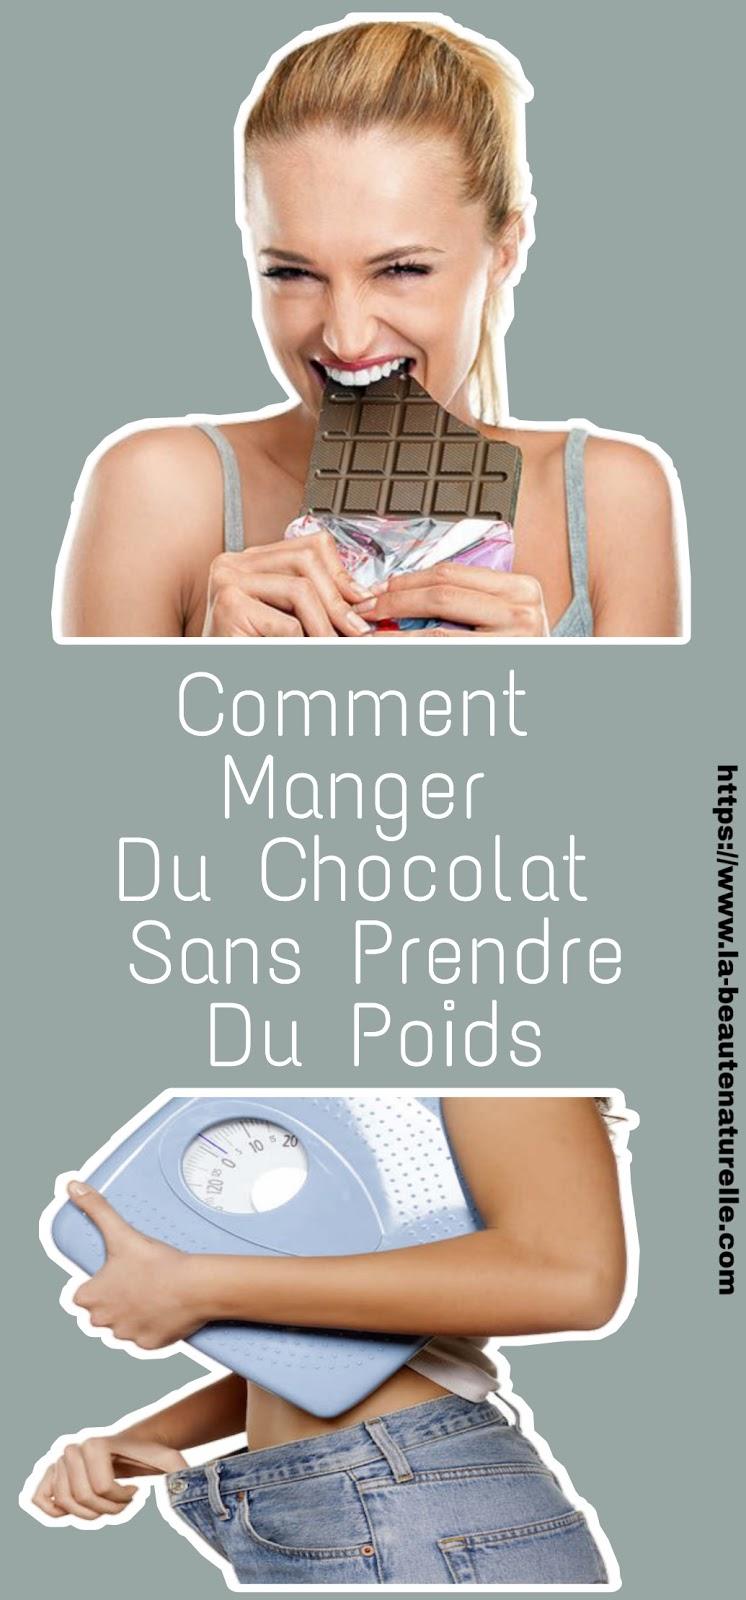 Comment Manger Du Chocolat Sans Prendre Du Poids